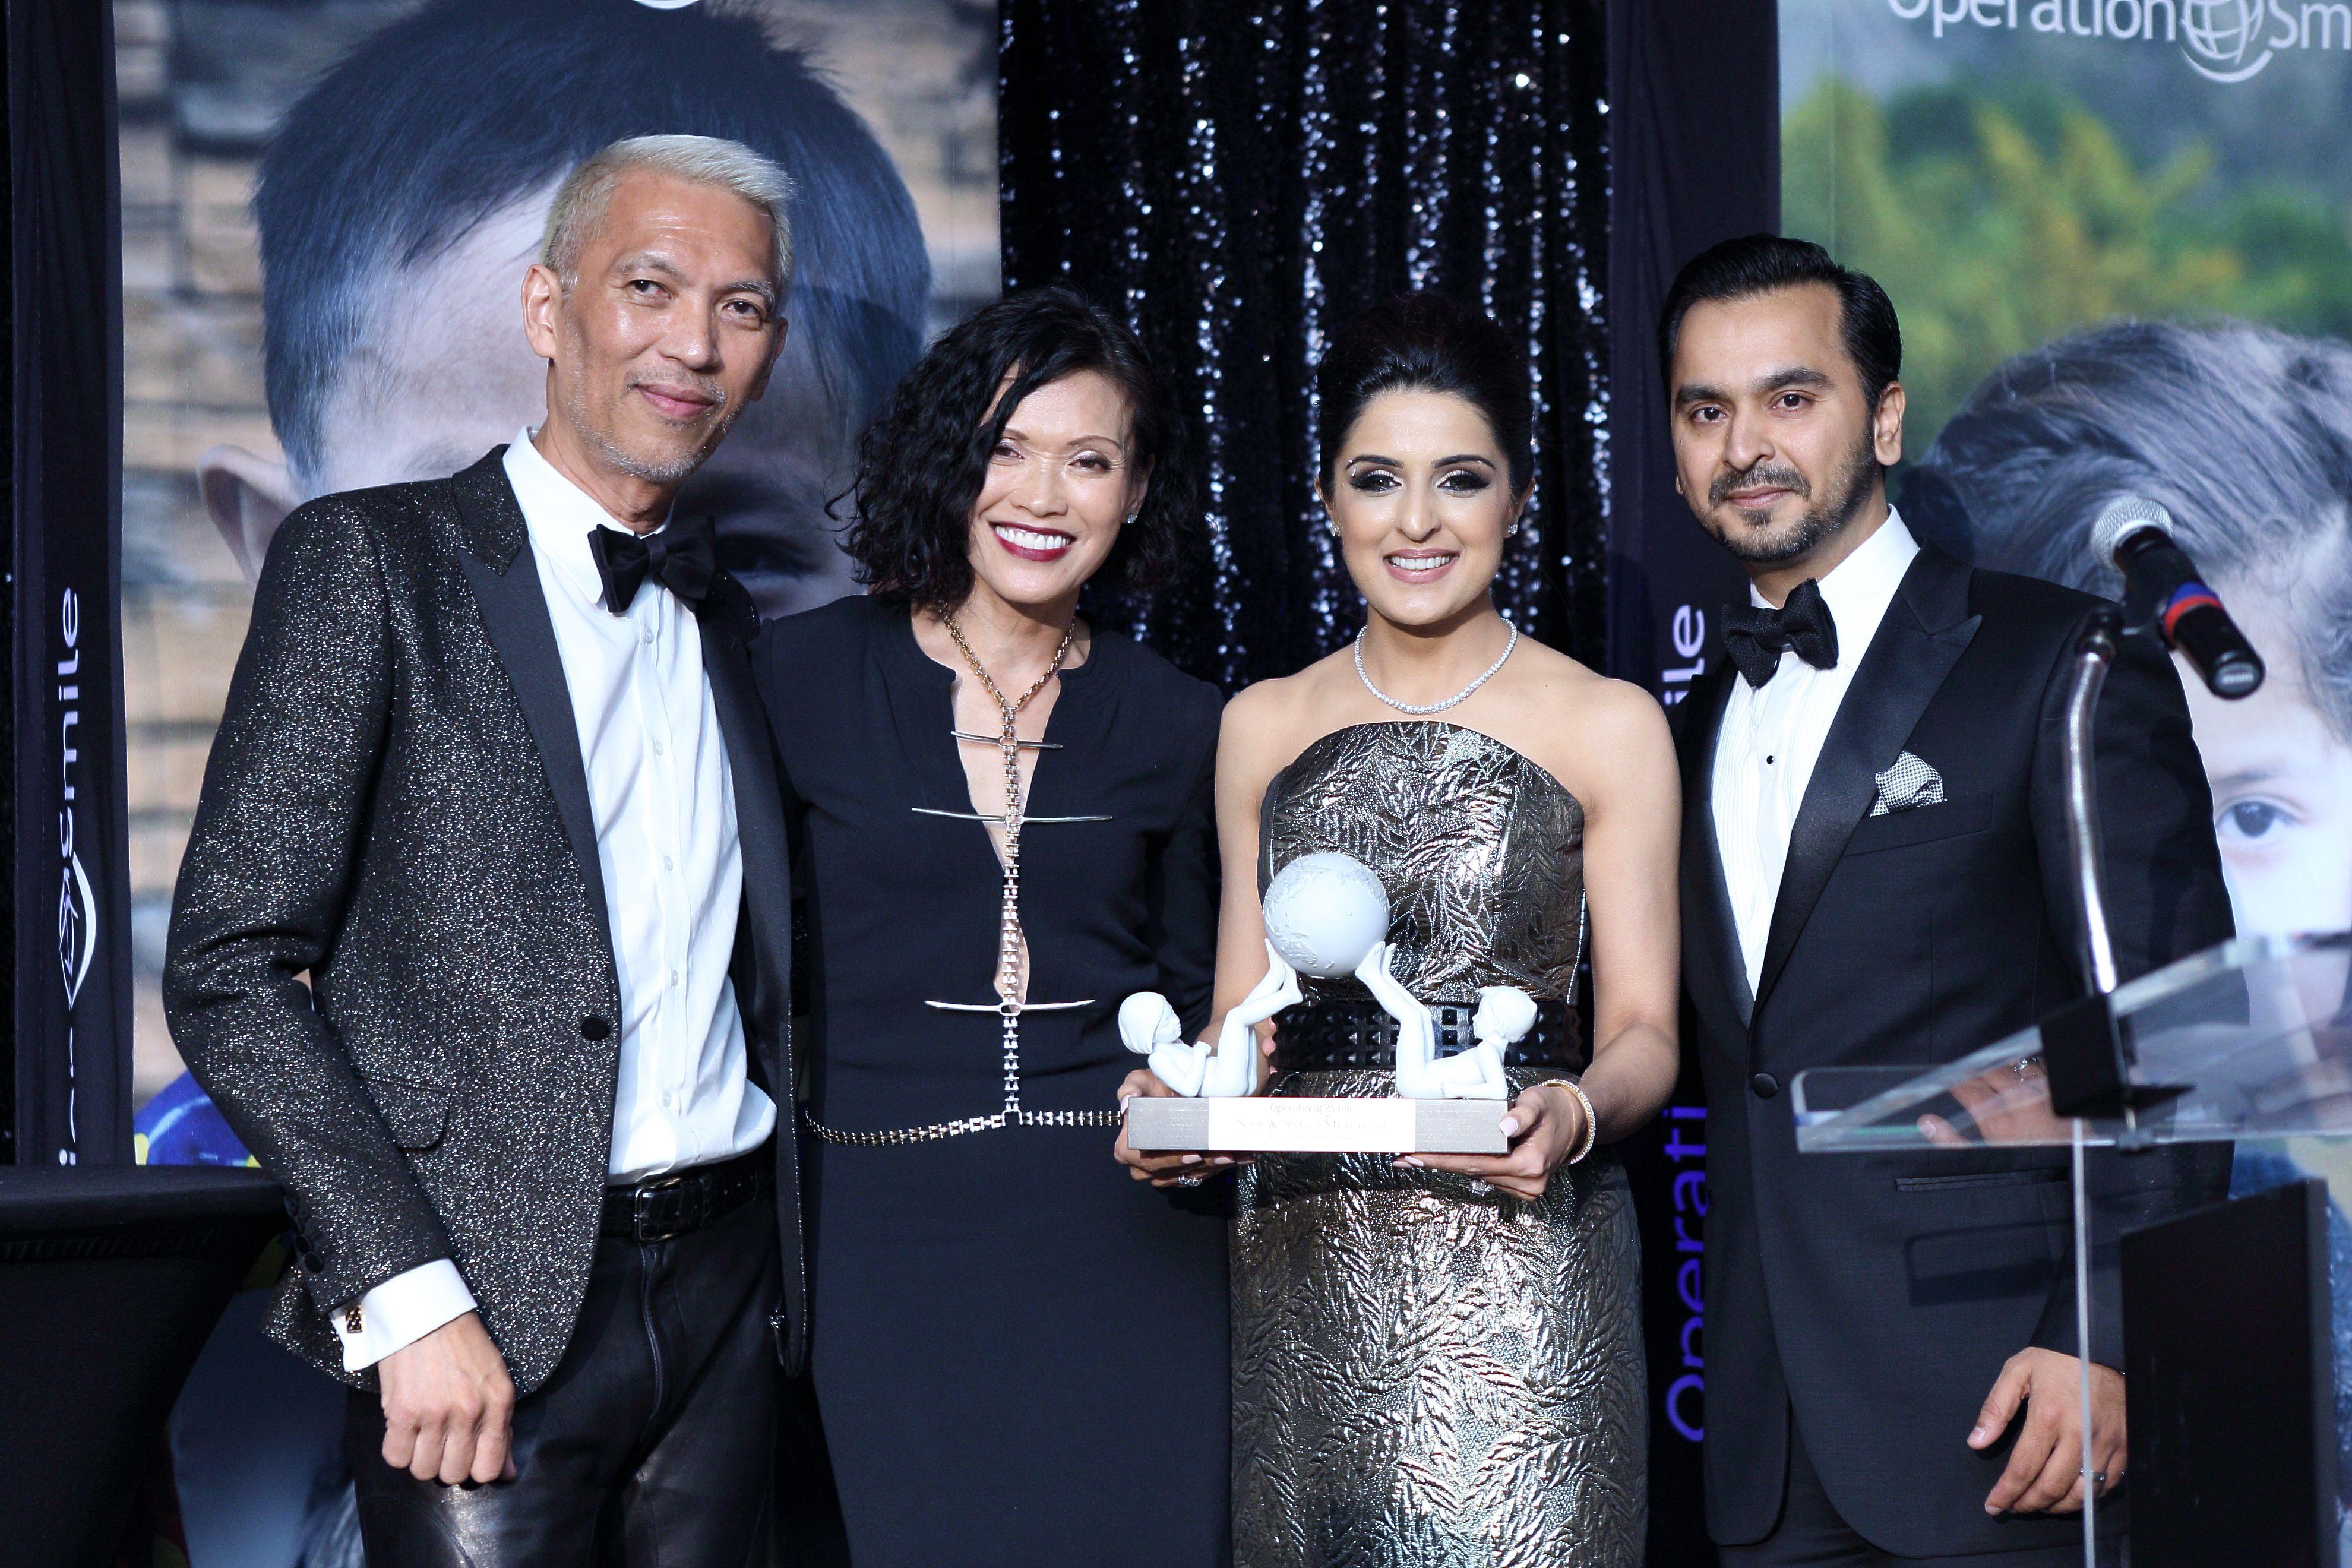 Marc and Duyen Nguyen, Sneha and Nick Merchant